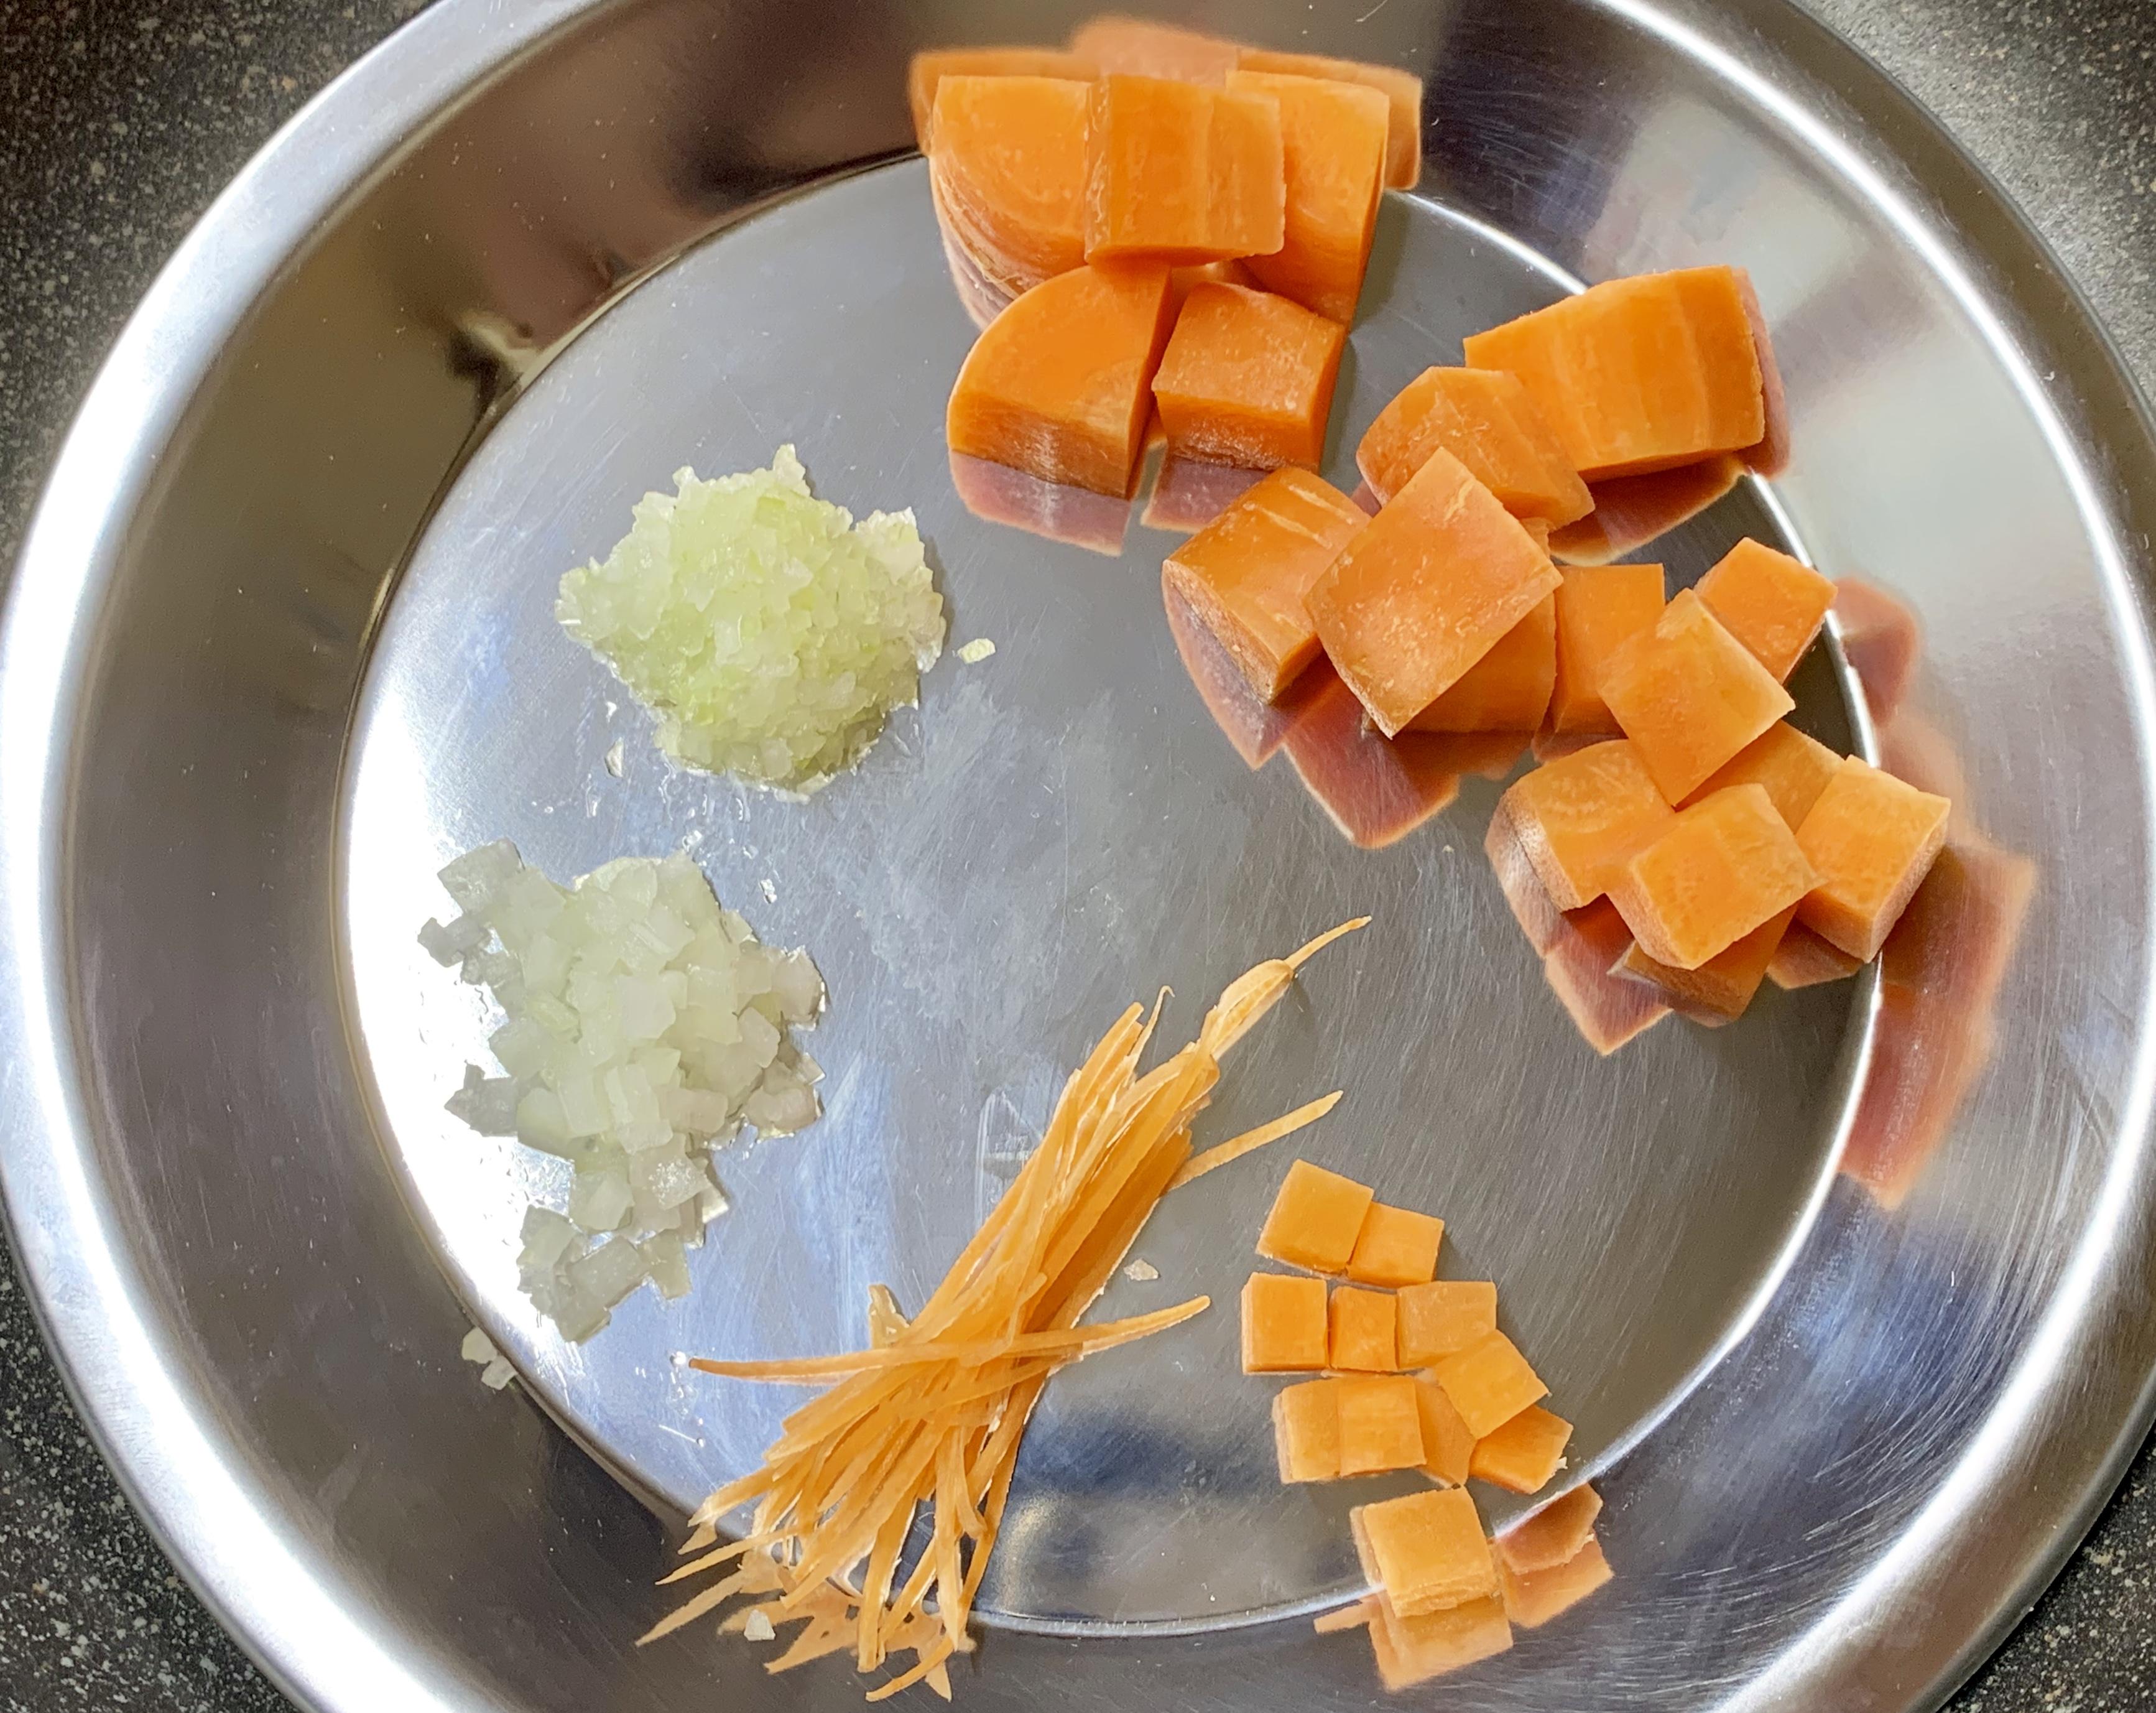 フレンチでの基本的な野菜の切り方 | プロのレシピ La Table